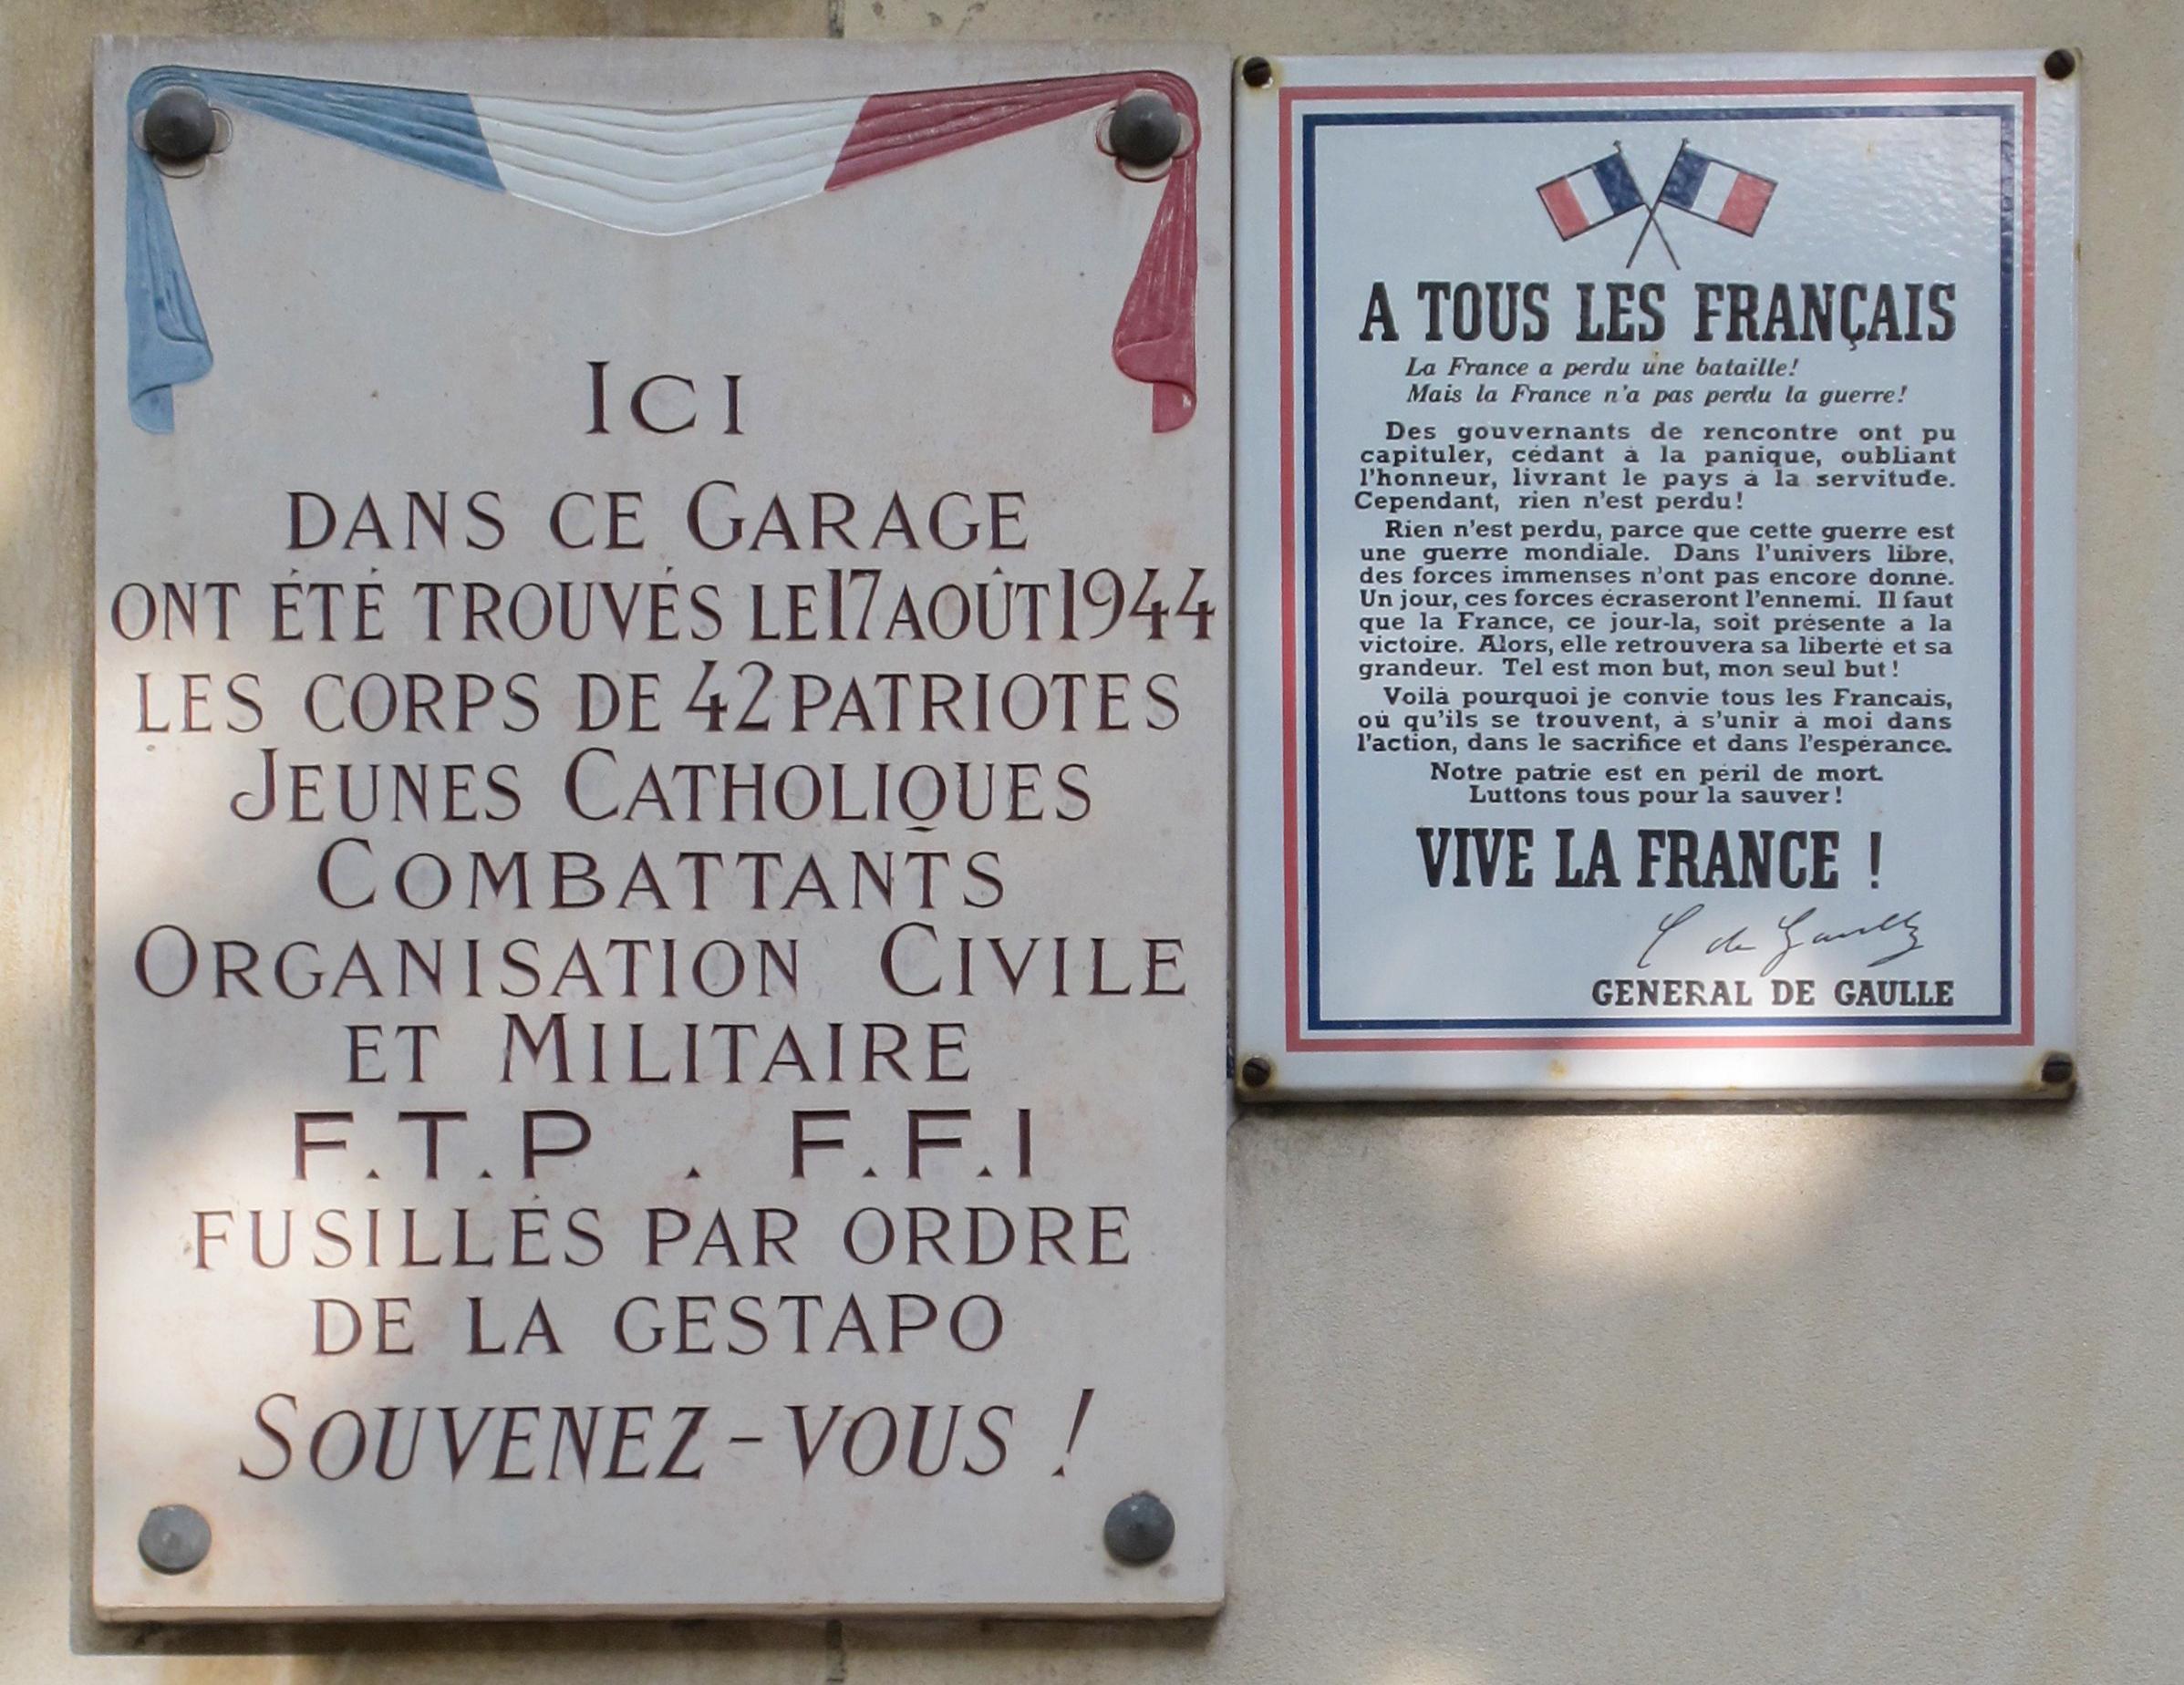 Rencontre Gay Paris Annonces D'hommes Pour Rencontres Homo Departement Paris